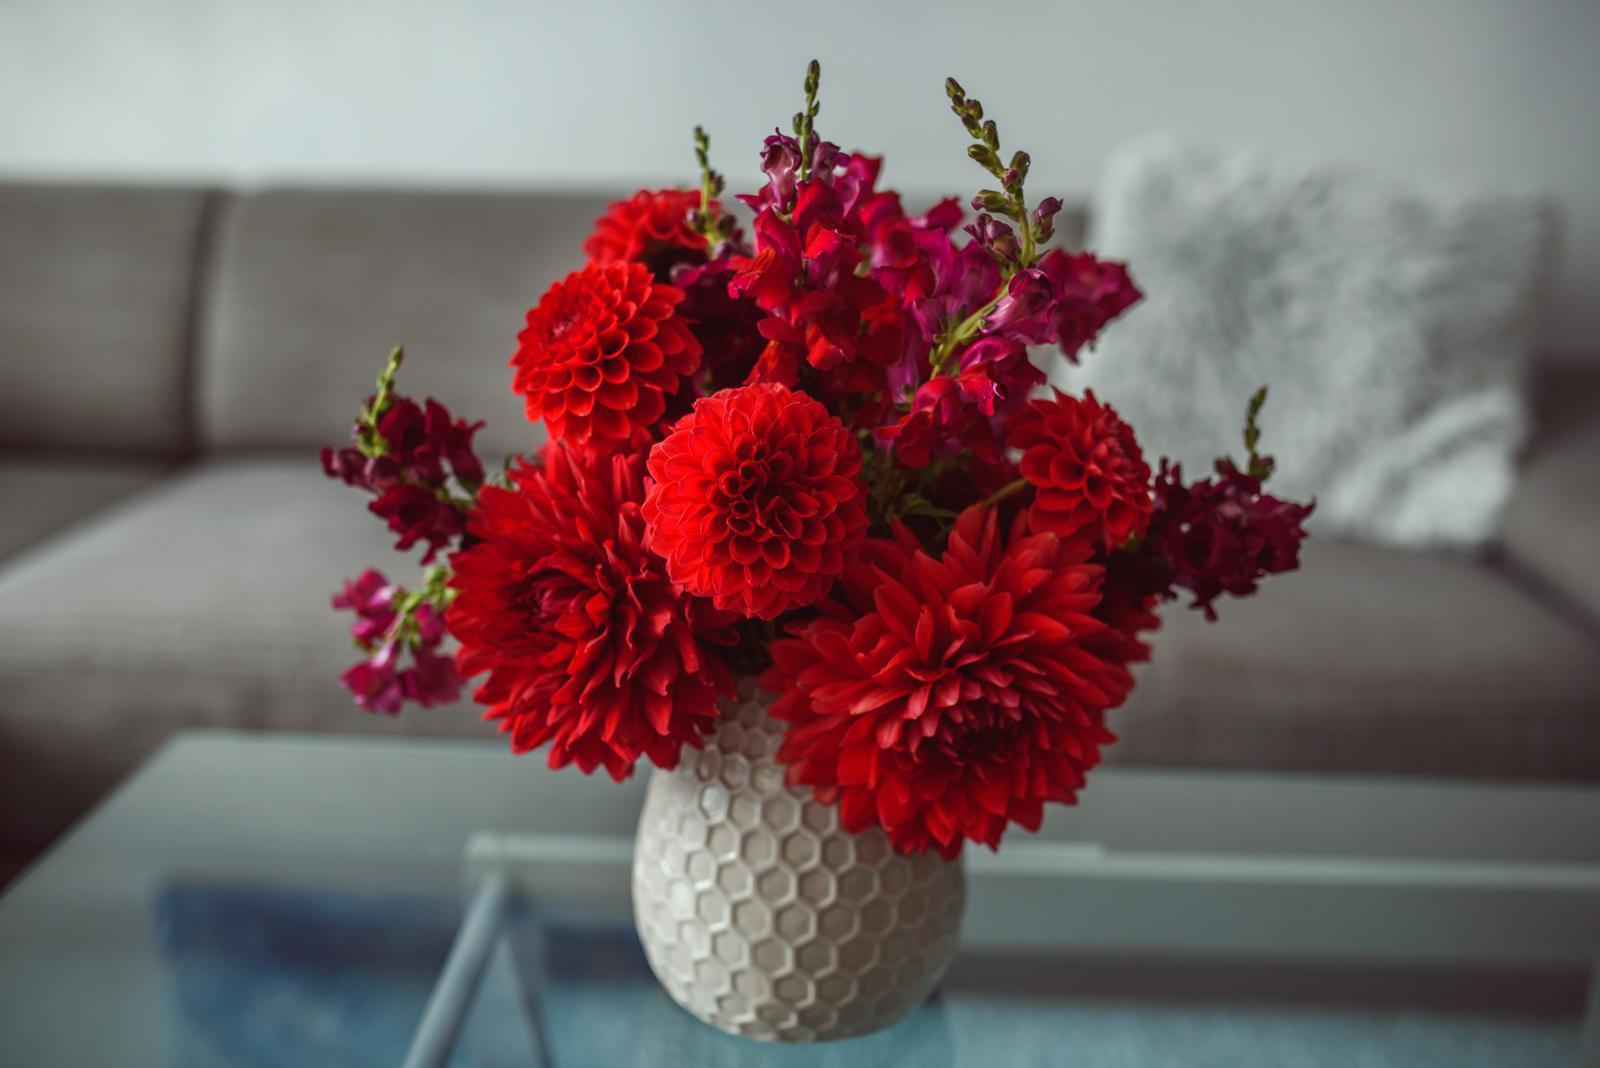 Moje kvetinové aranžmány - Dálie a papuľky - červená v červenom - klasika ako veľká kytica červených ruží. Tak krásne sfarbené zamatové lupienky, že sa ich chcem stále dotýkať :-D